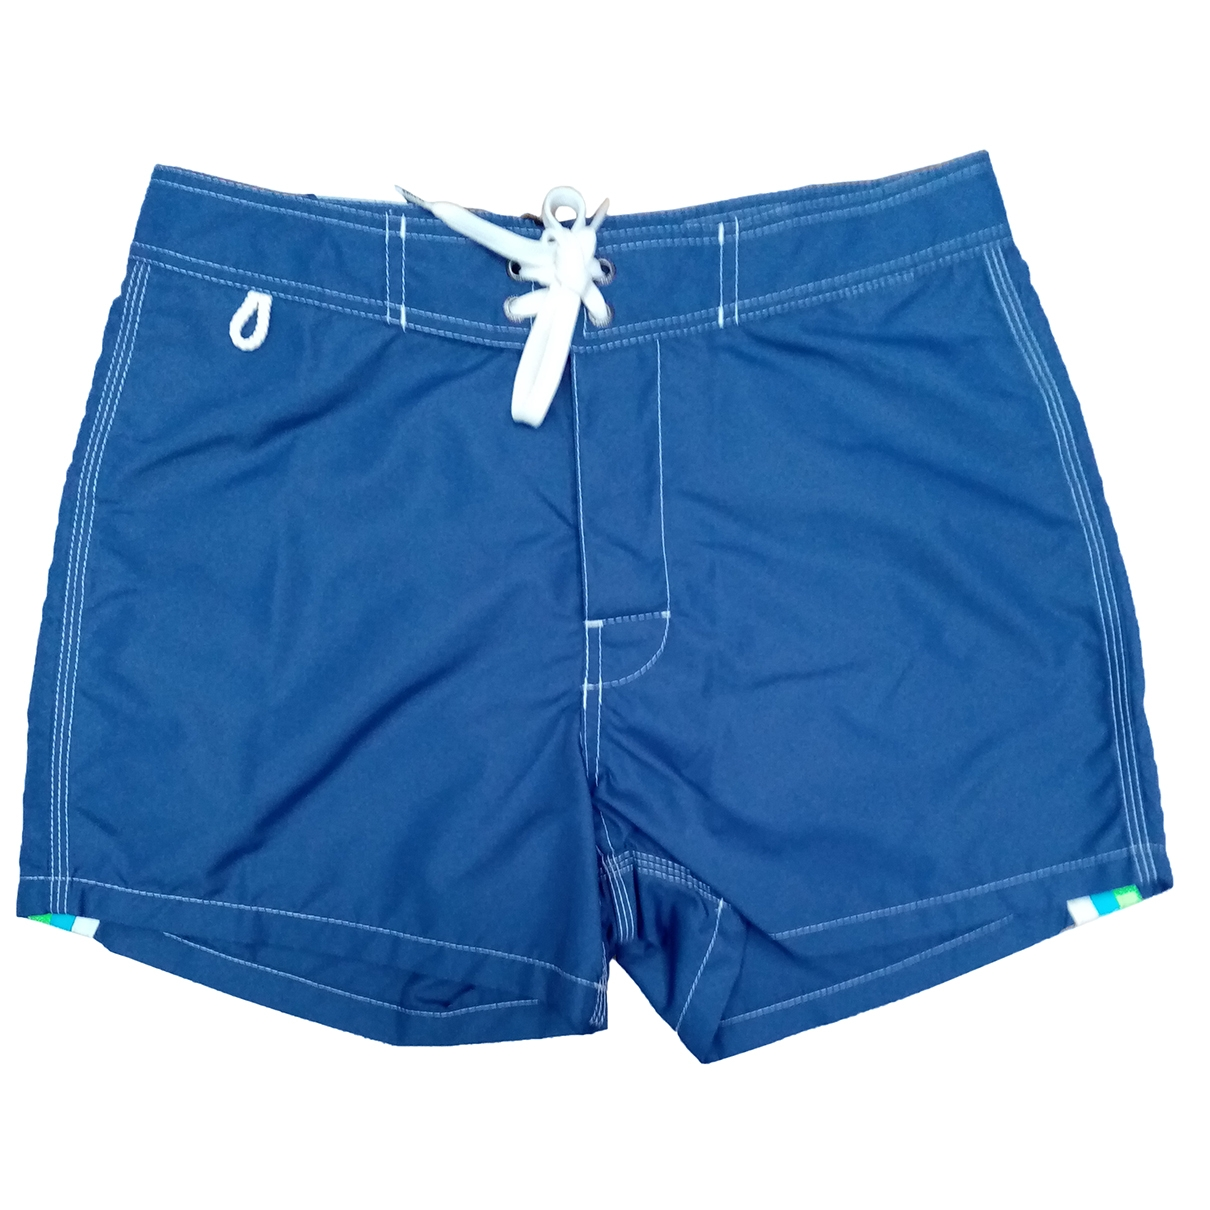 Sundek \N Navy Swimwear for Men 30 UK - US